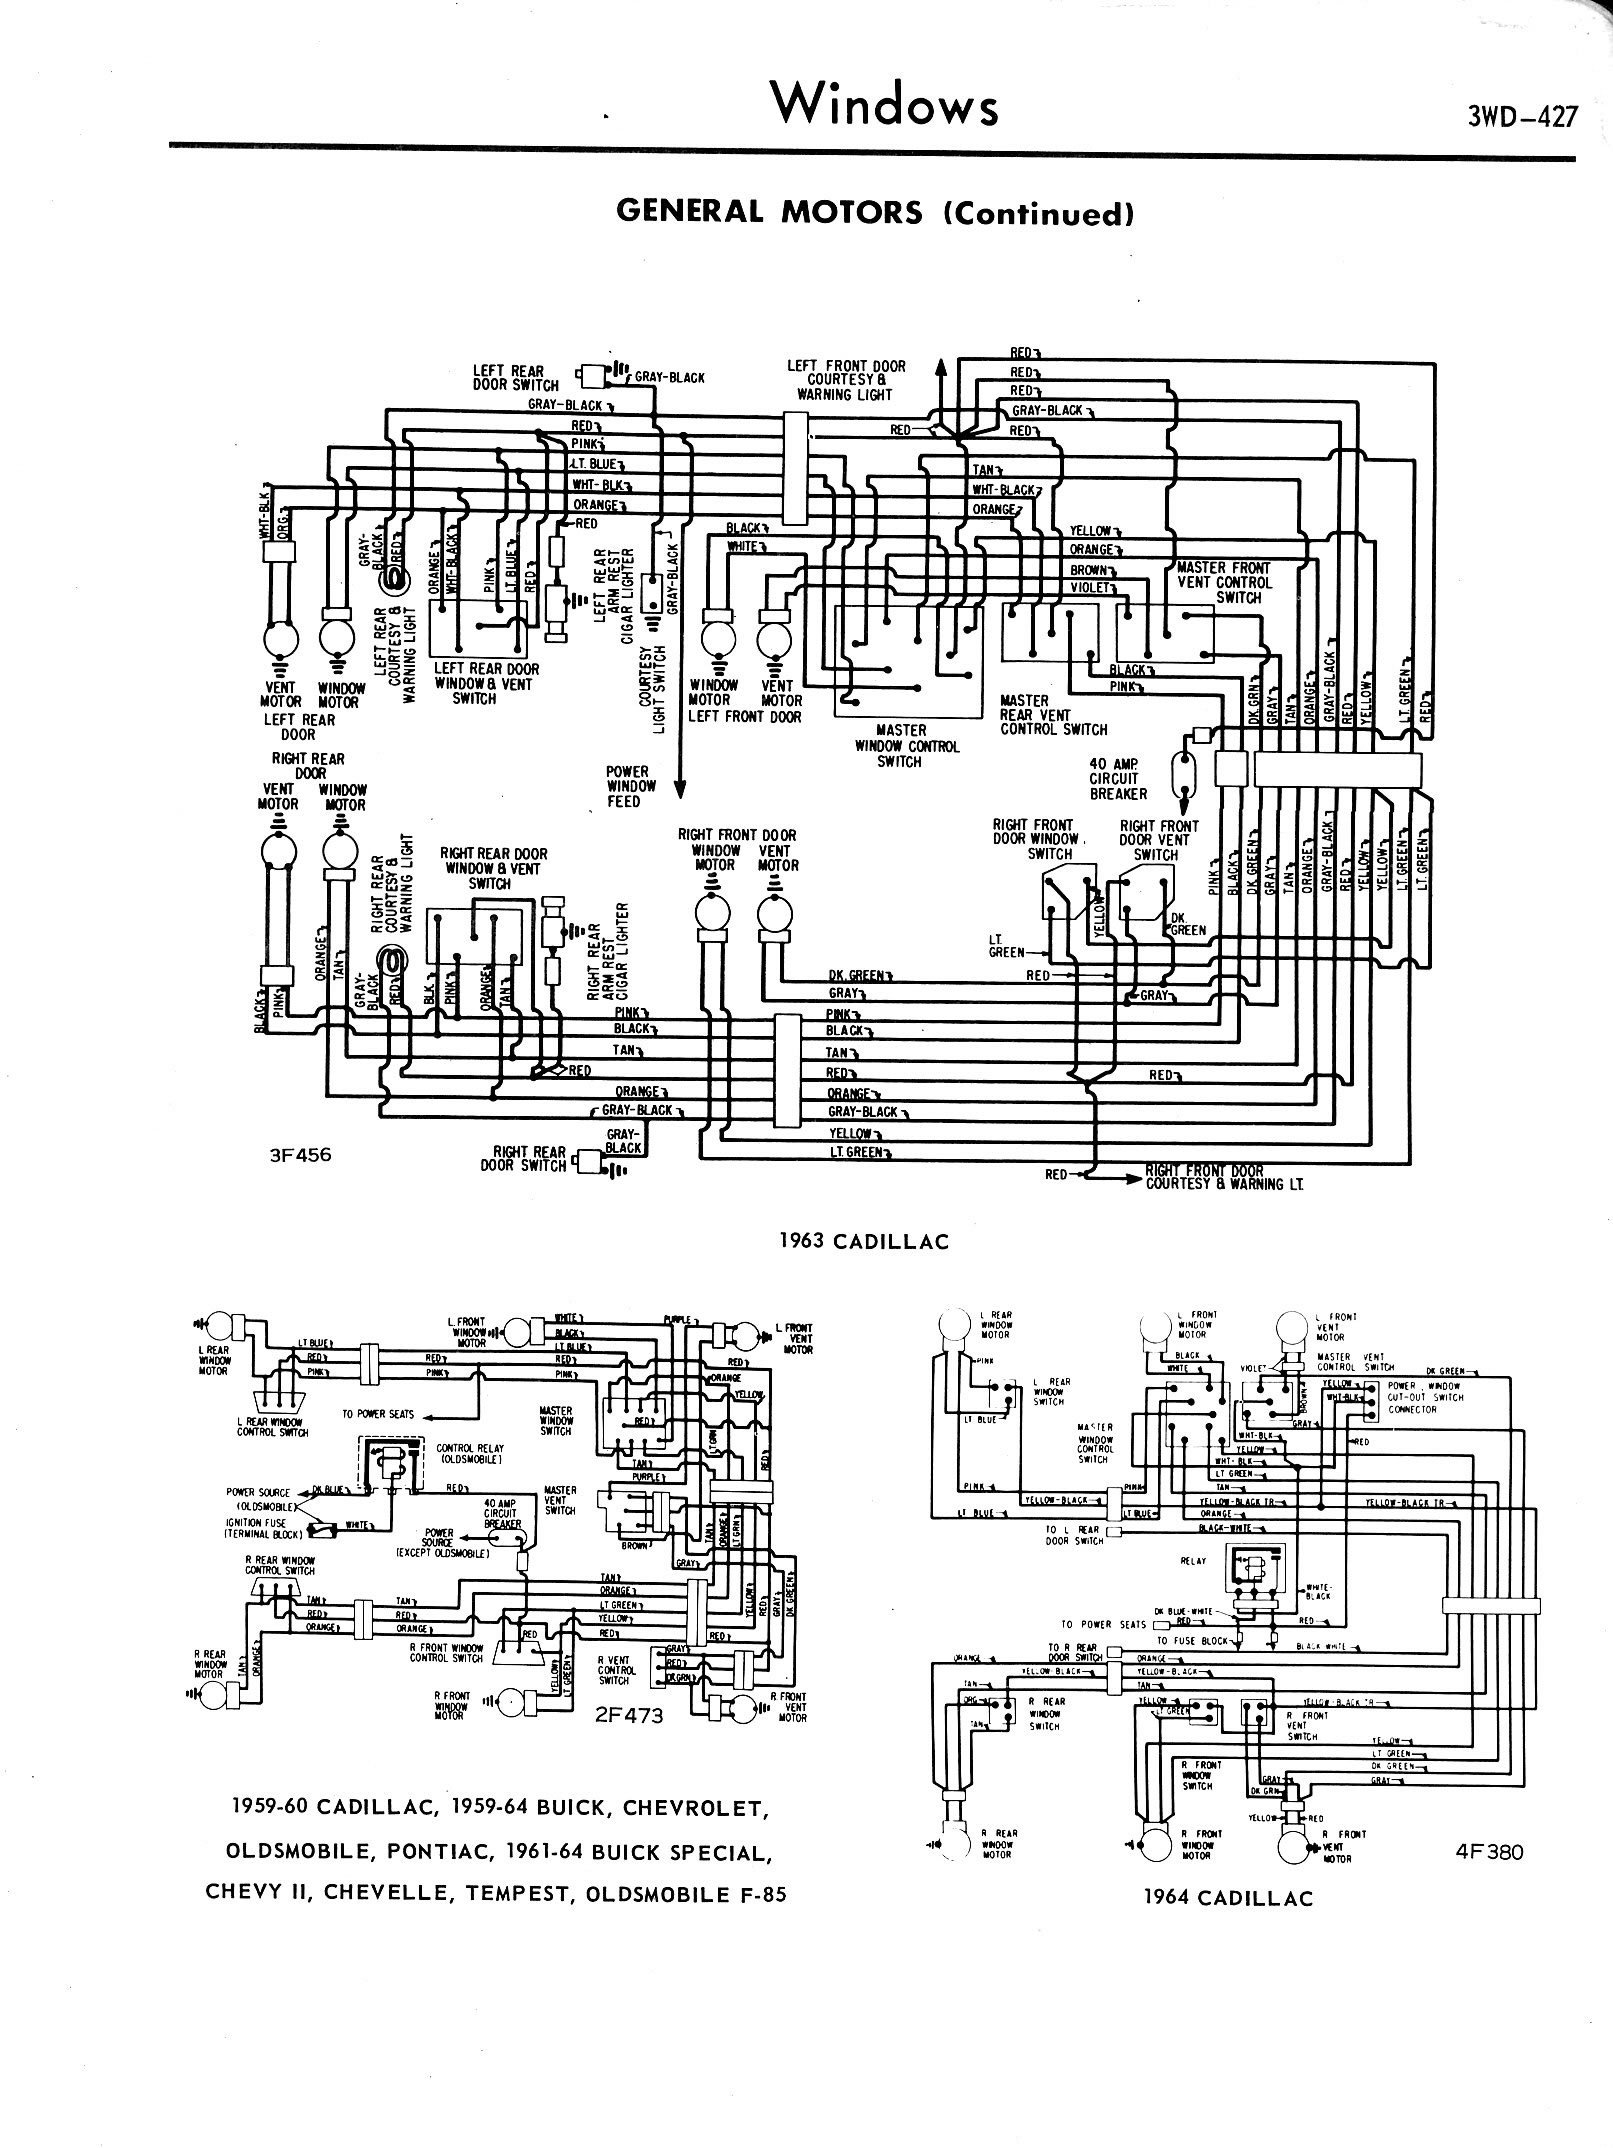 1957 3wd auto electrical wiring diagram rh cat tel co vu